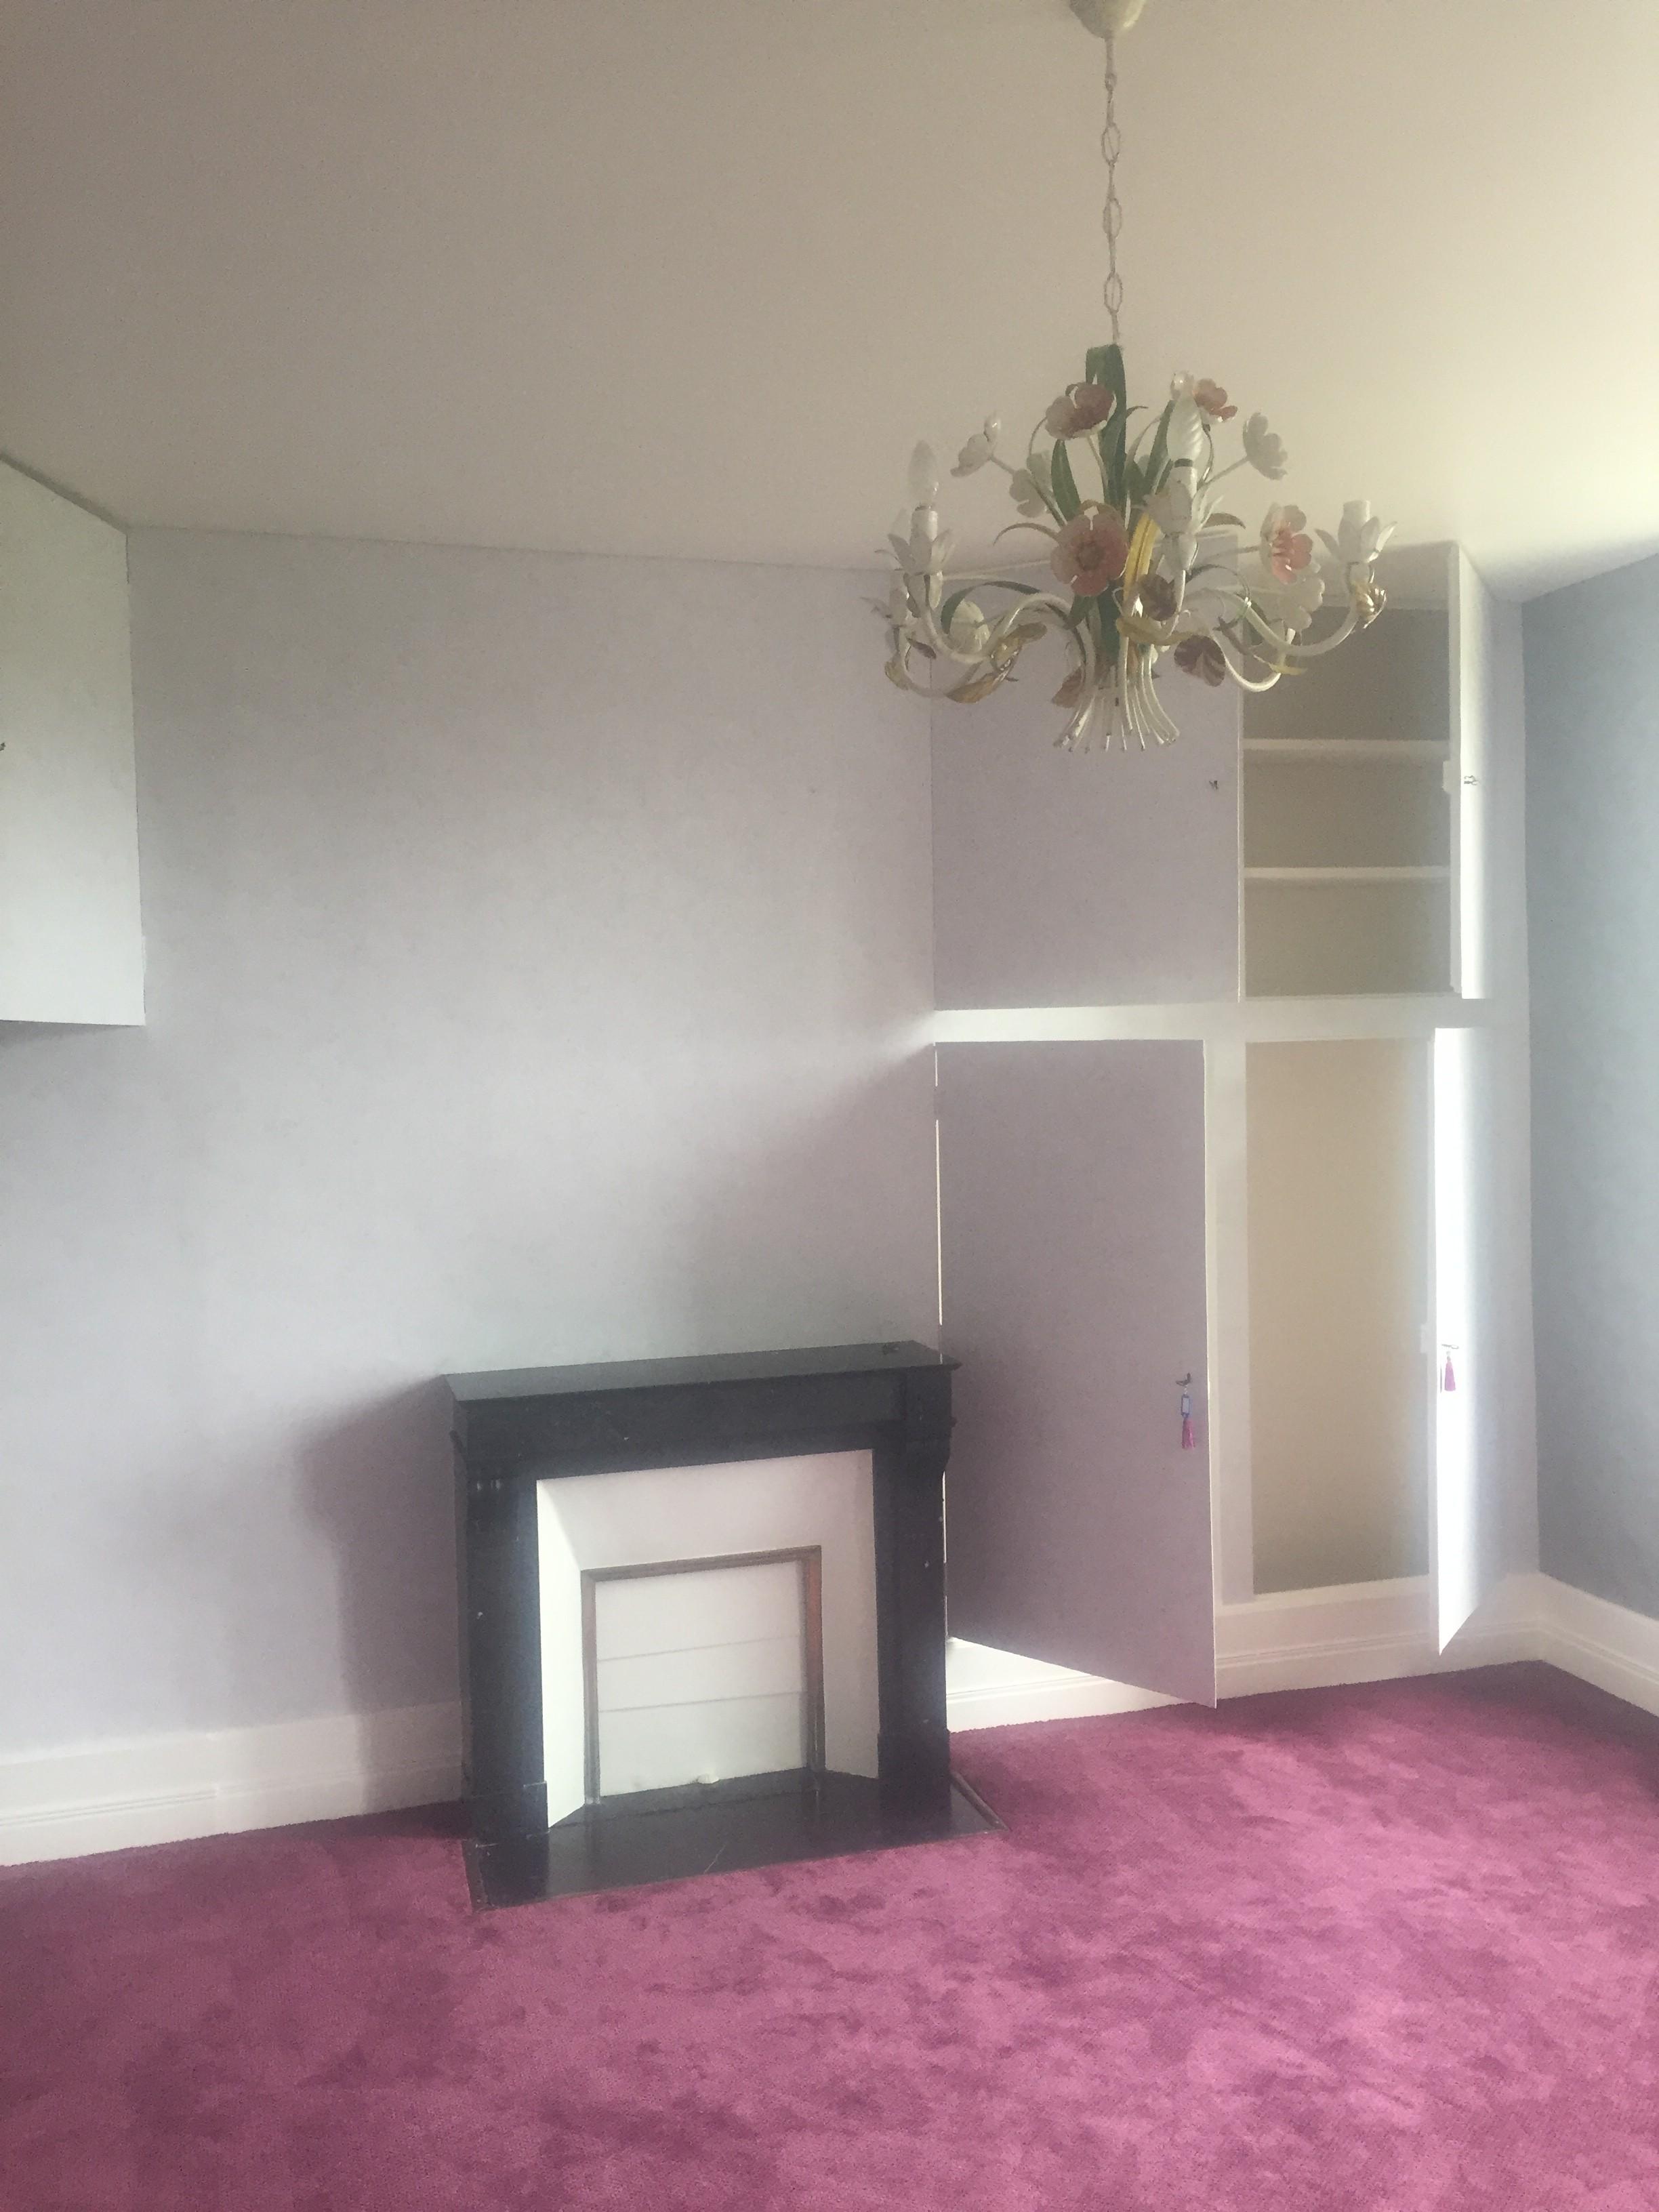 renovation d 39 une chambre du sol au plafond steve robert peinture. Black Bedroom Furniture Sets. Home Design Ideas